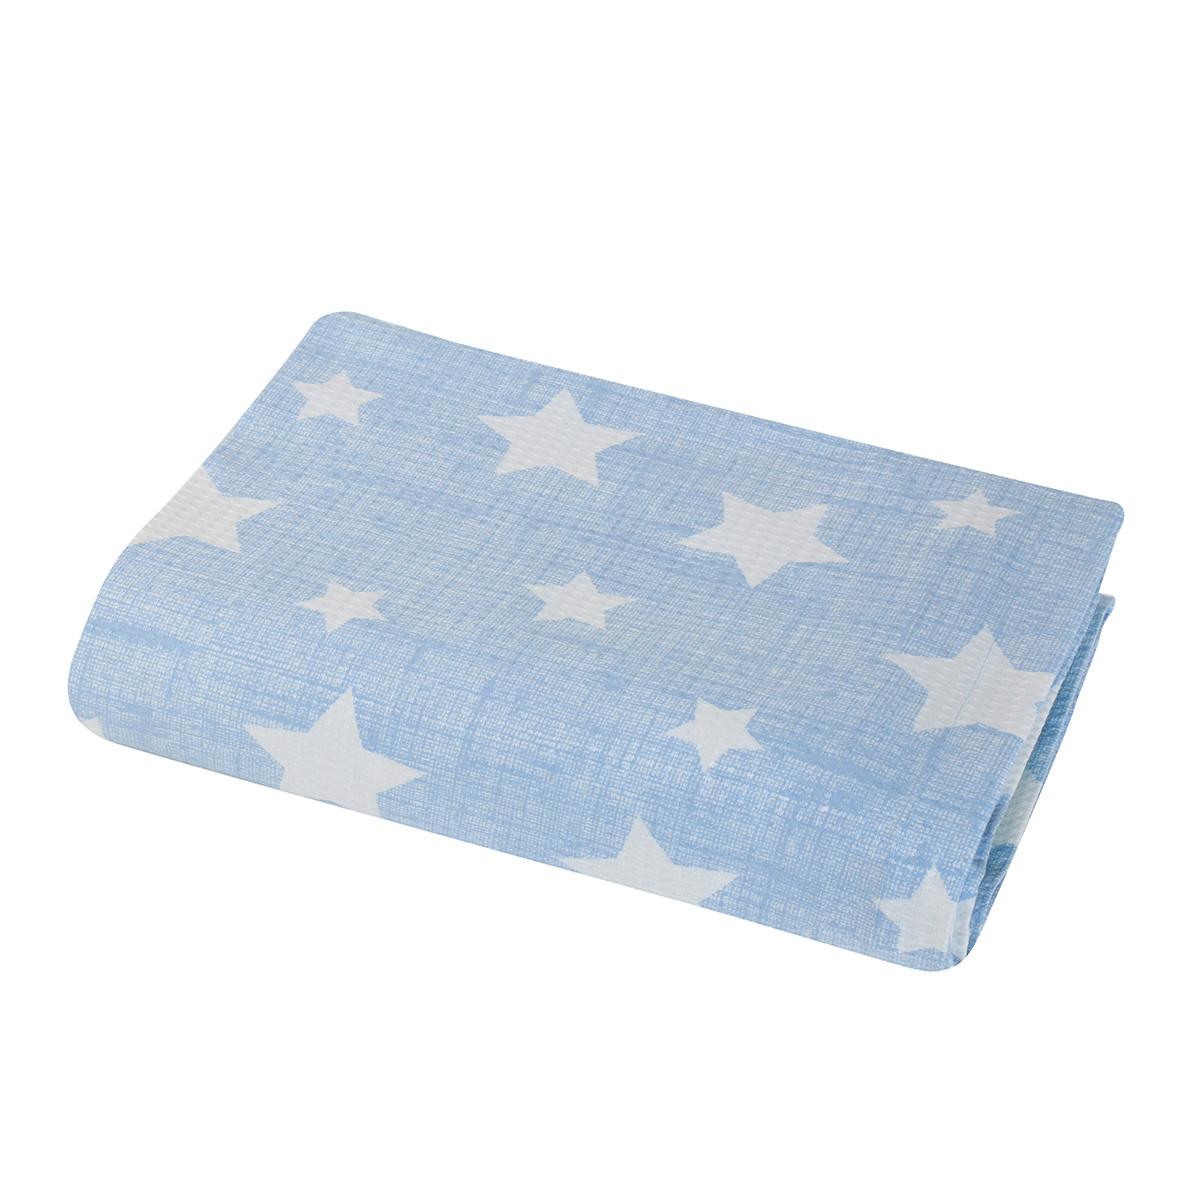 Κουβερτόριο Μονό Nef-Nef Junior Boy Style Jean home   παιδικά   κουβέρτες παιδικές   κουβέρτες καλοκαιρινές